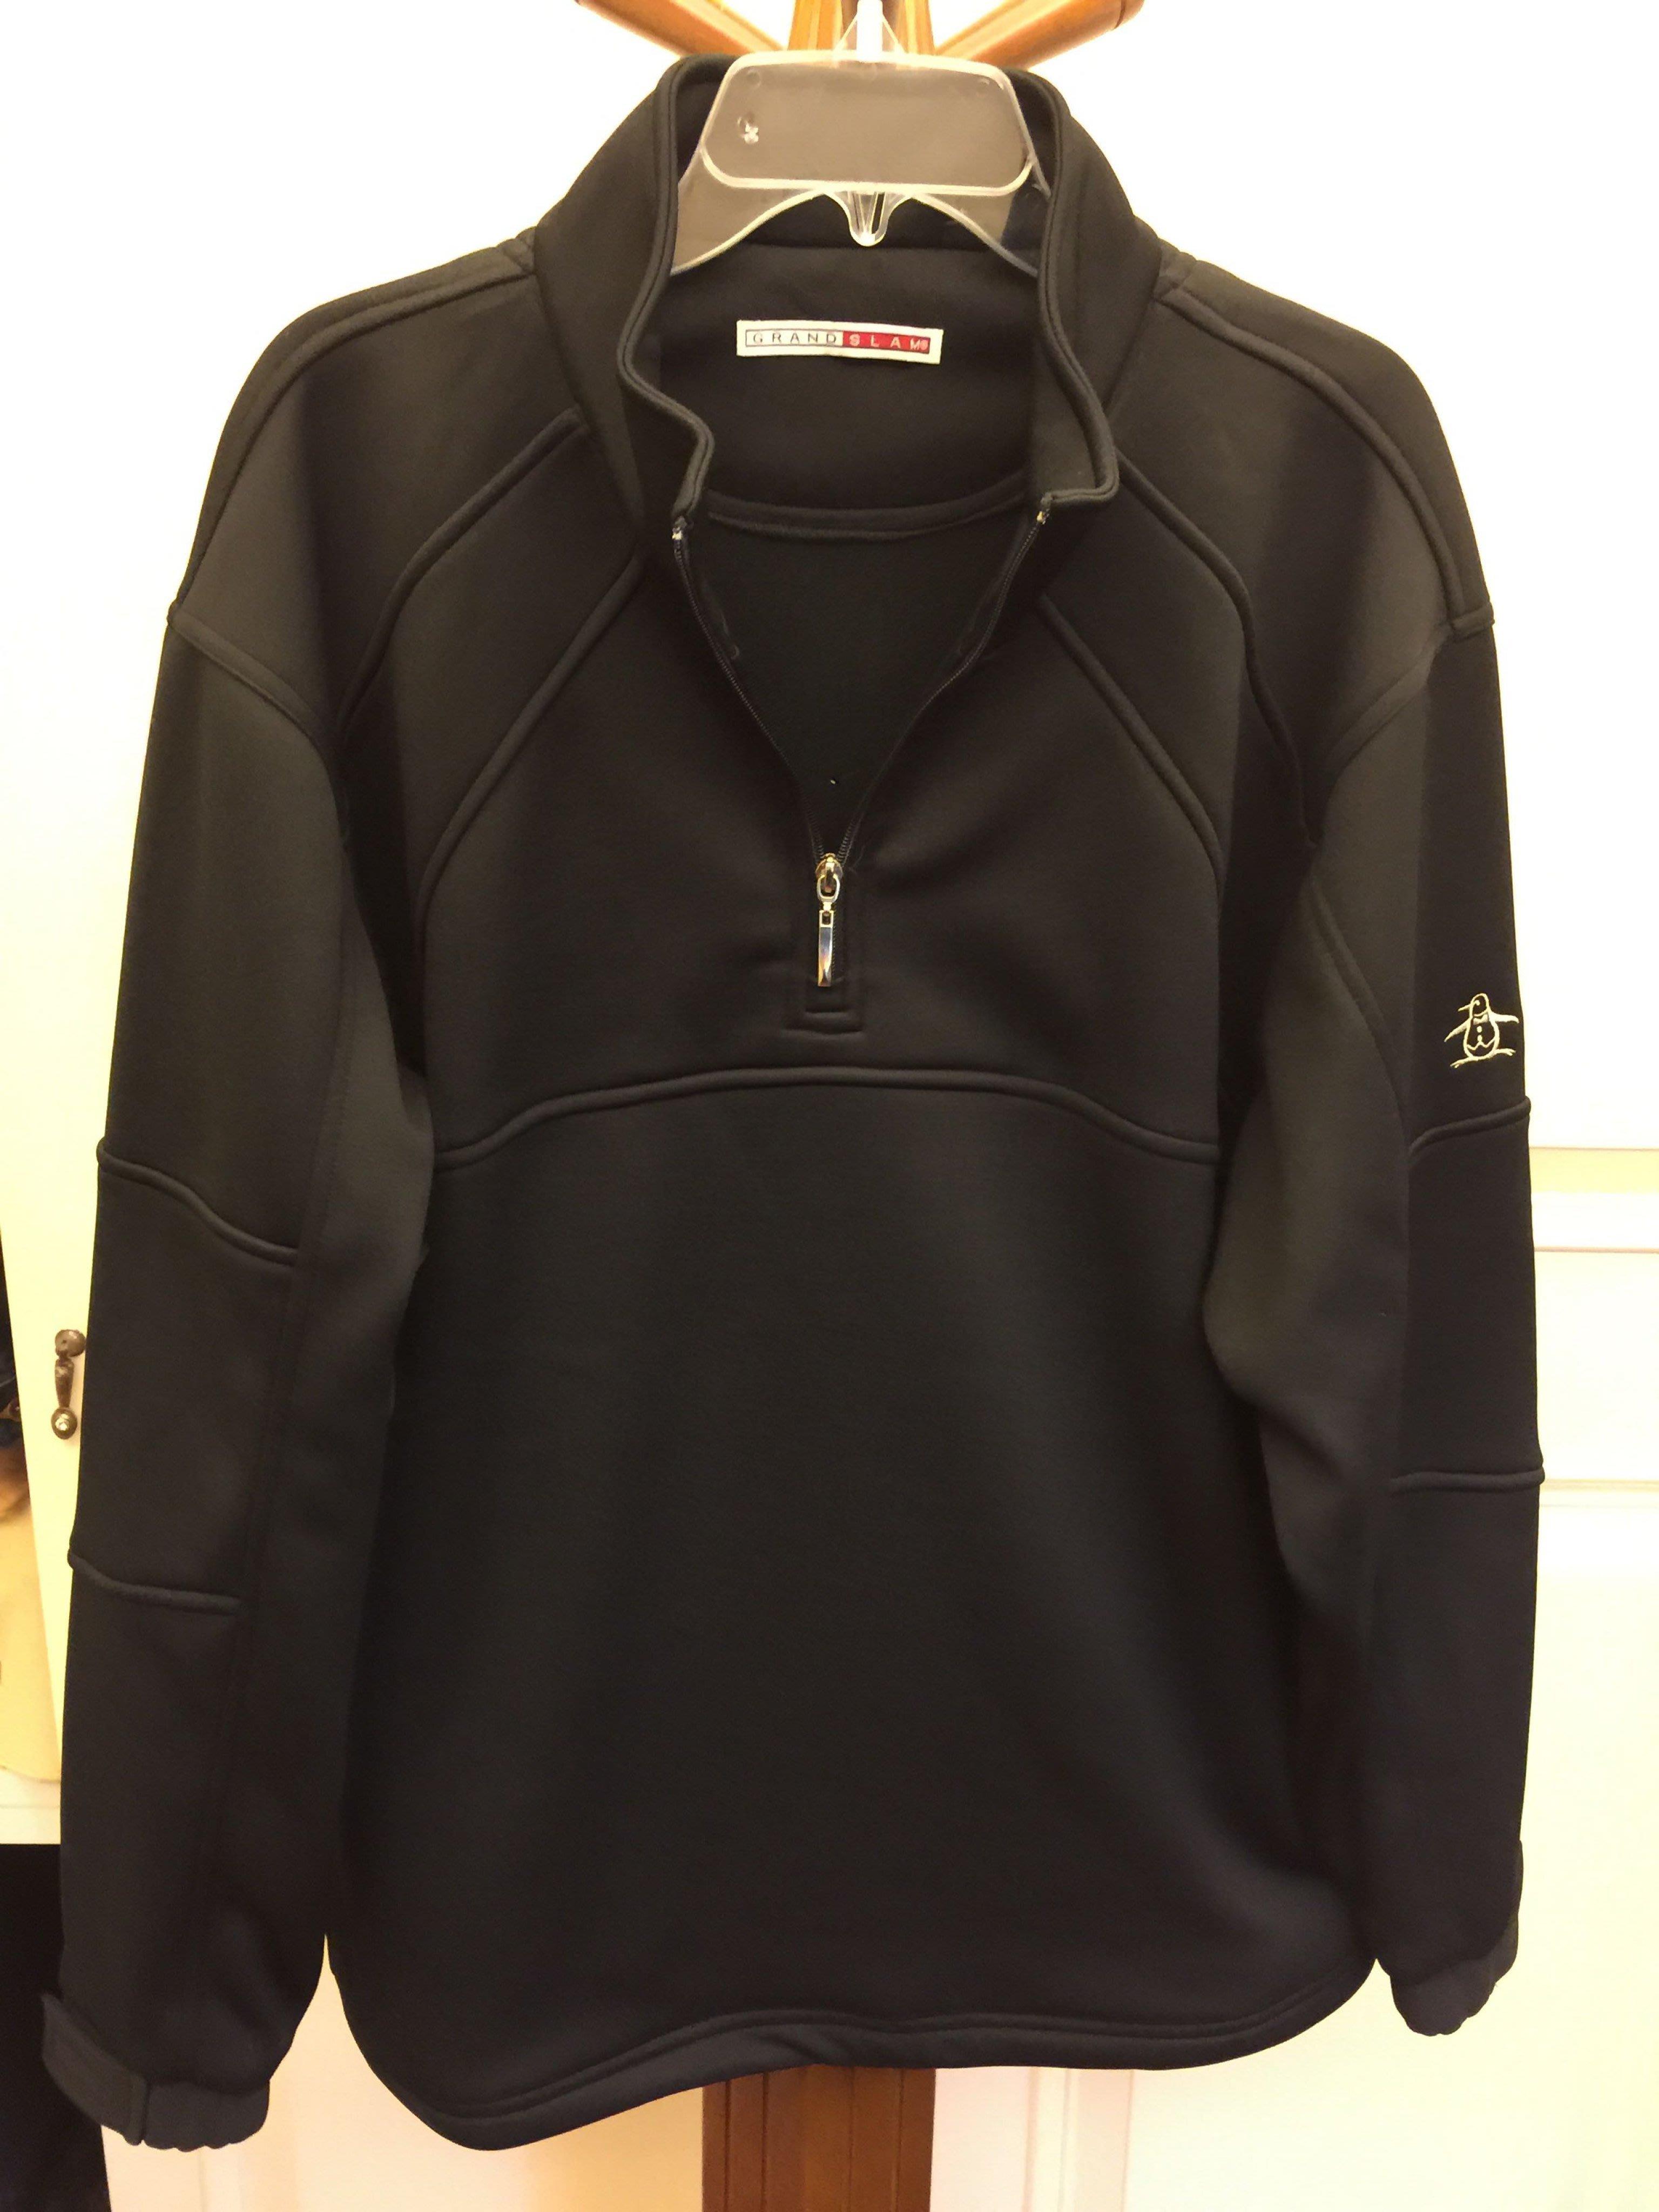 美國高爾夫知名品牌 GRAND SLAM 保暖上衣,企鵝牌